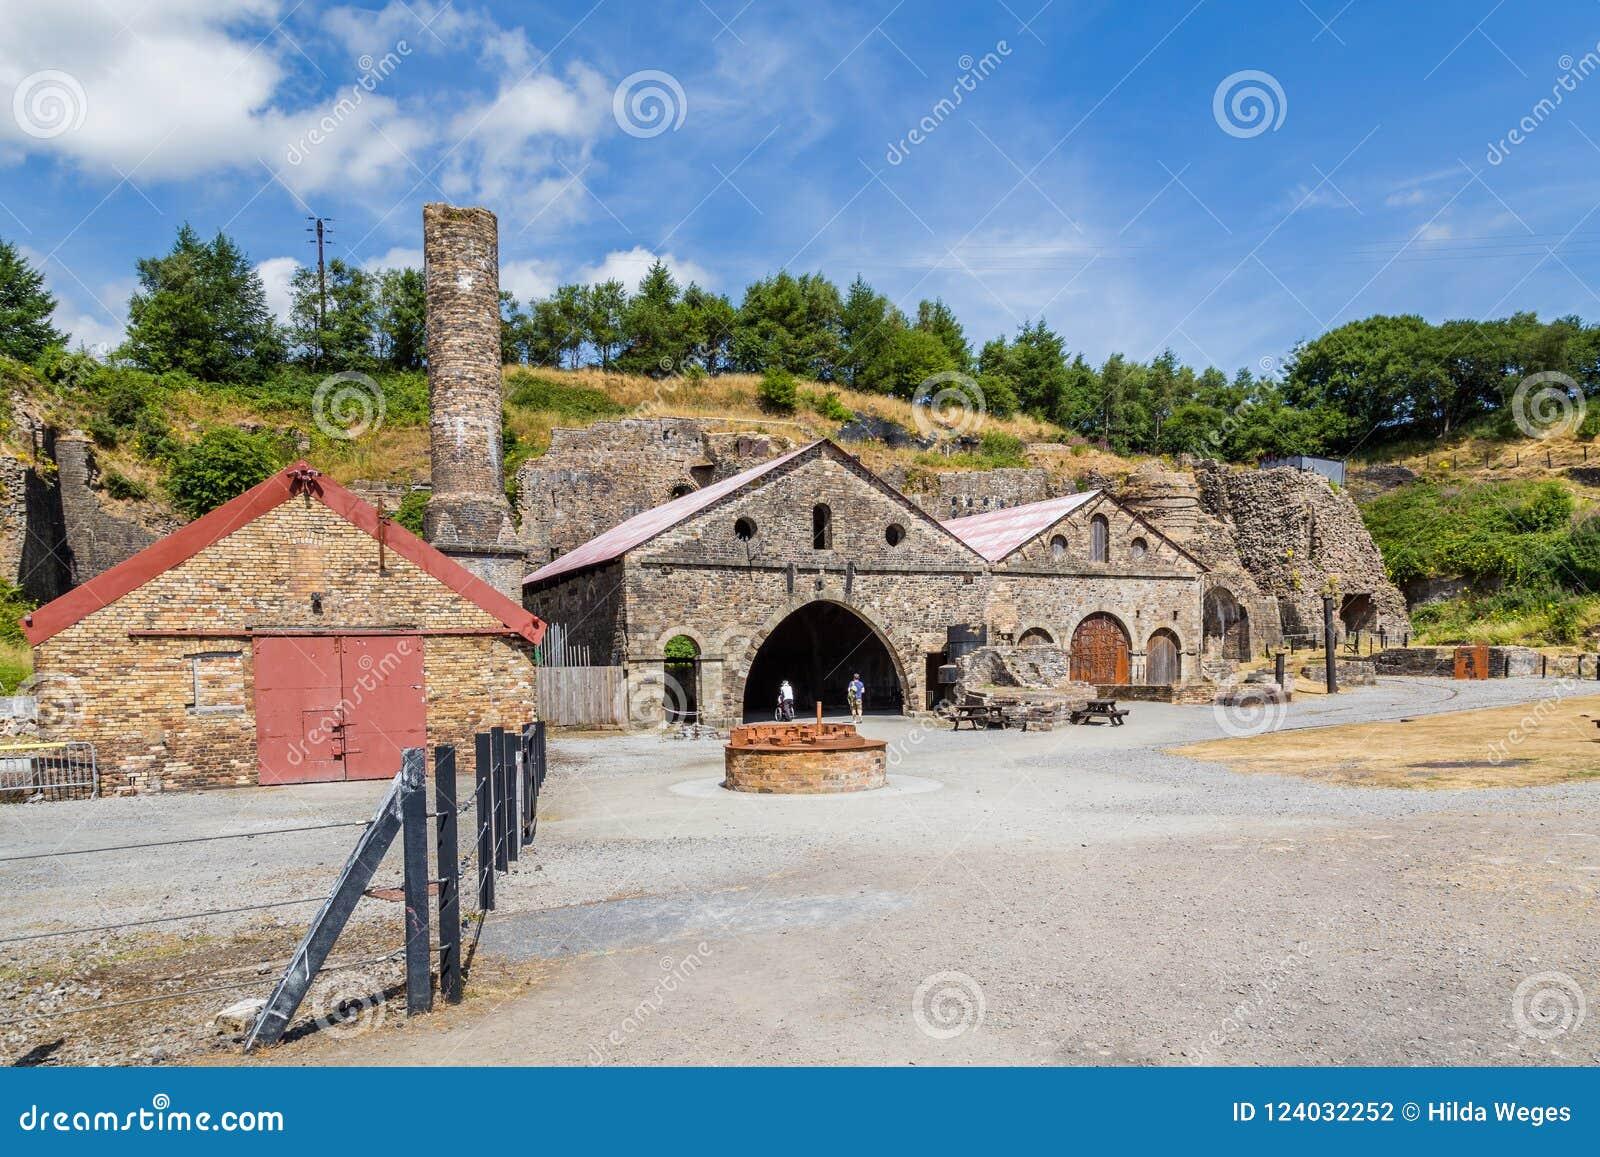 Indústrias siderúrgicas de Blaenavon em Gales, Reino Unido